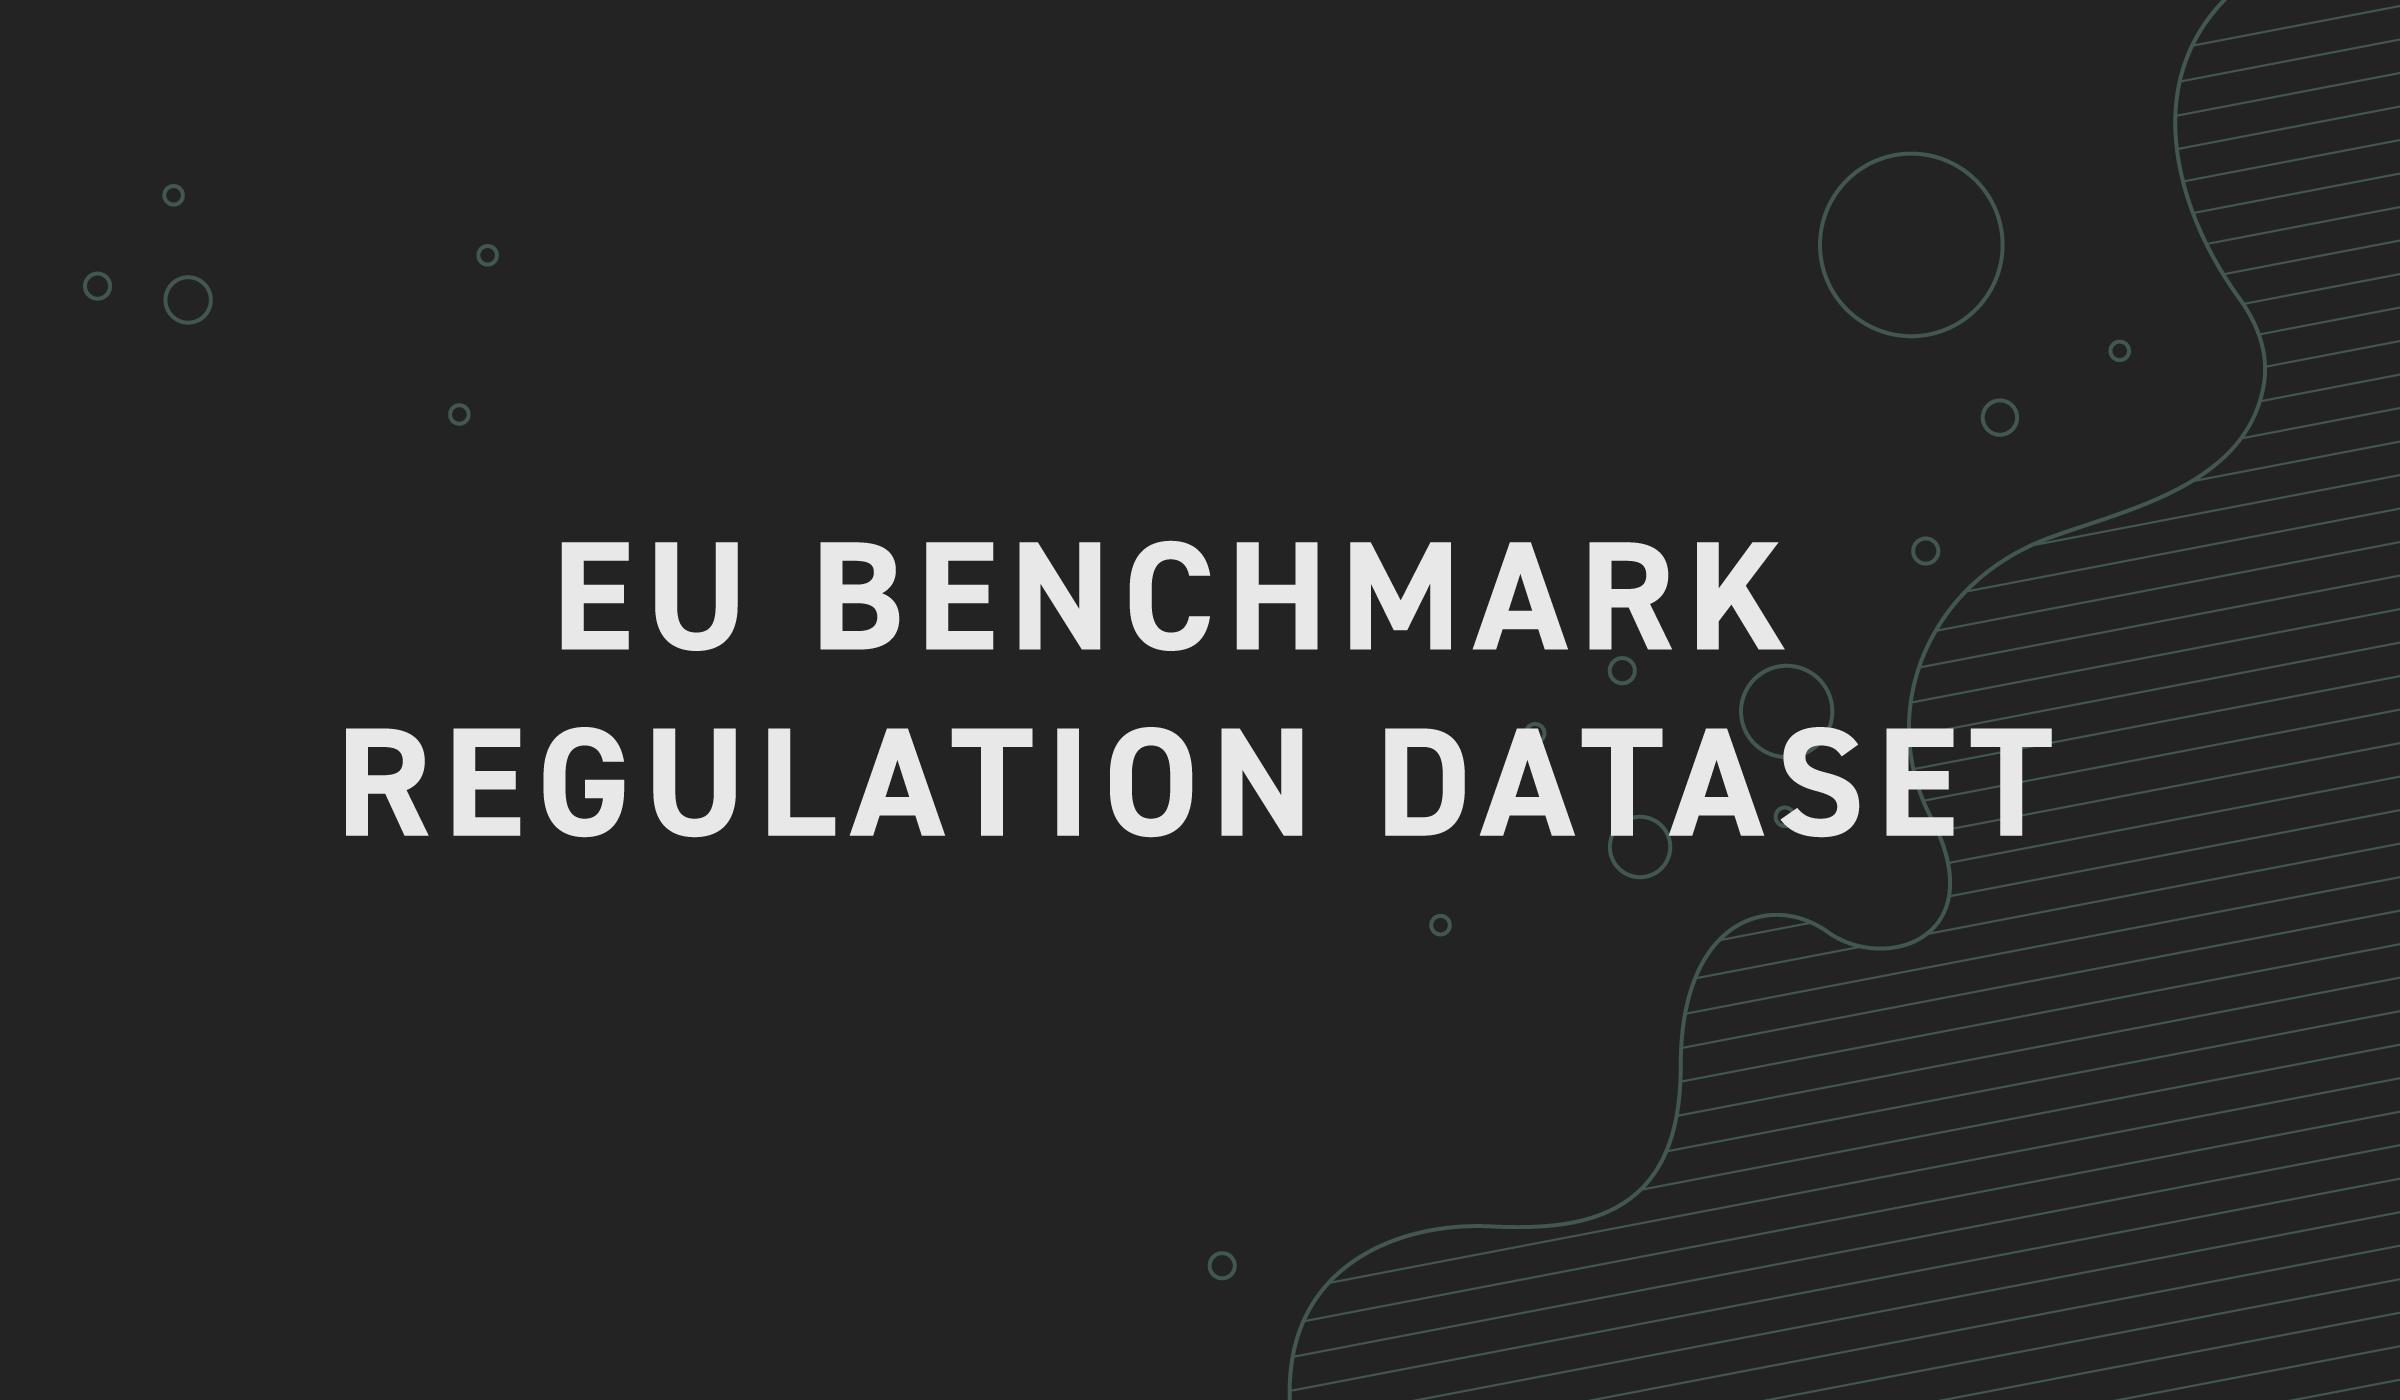 eu-benchmark